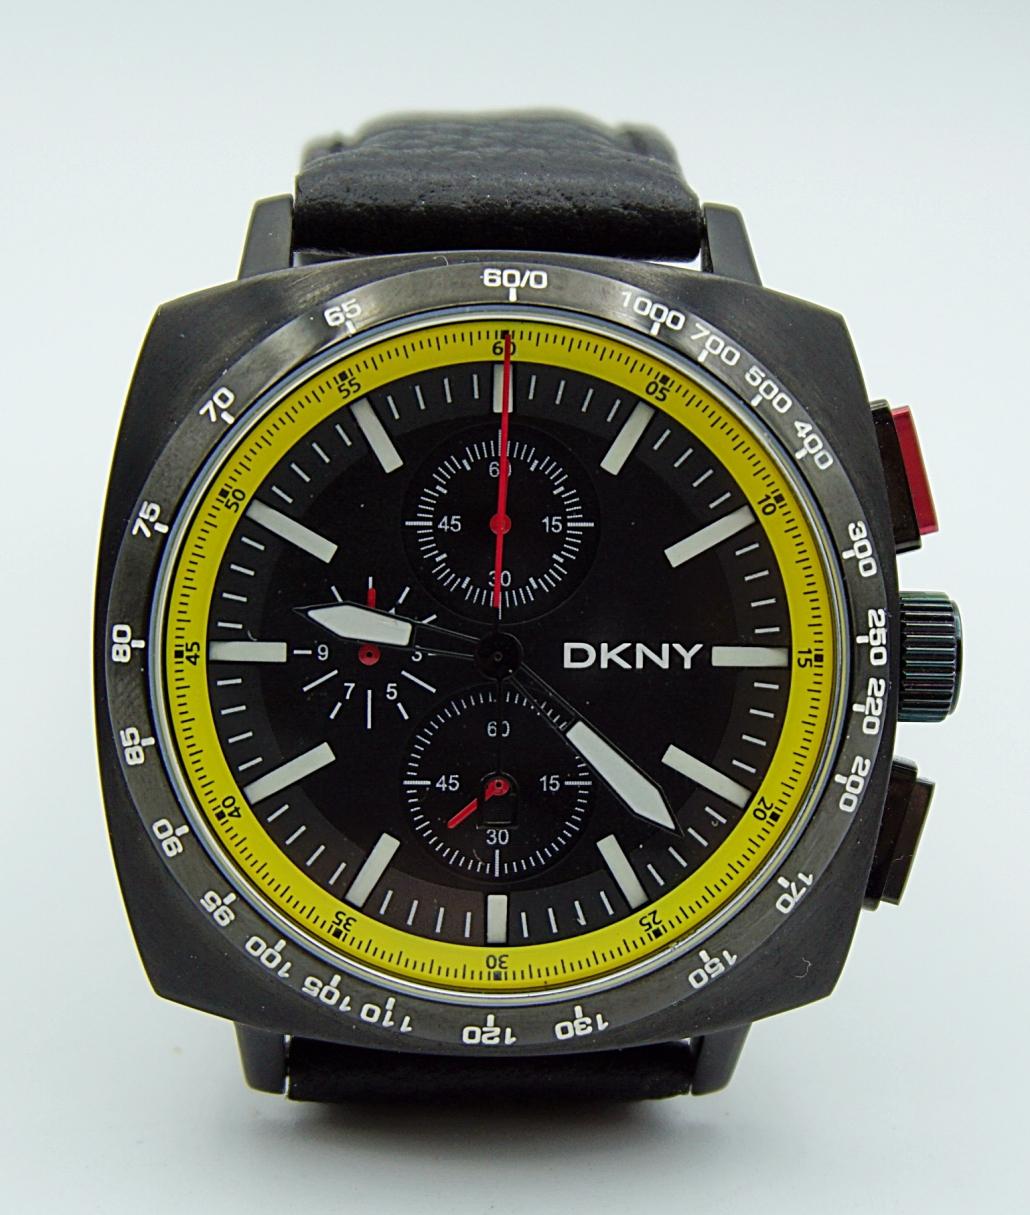 นาฬิกามือสอง DKNY CHRONOGRAPH